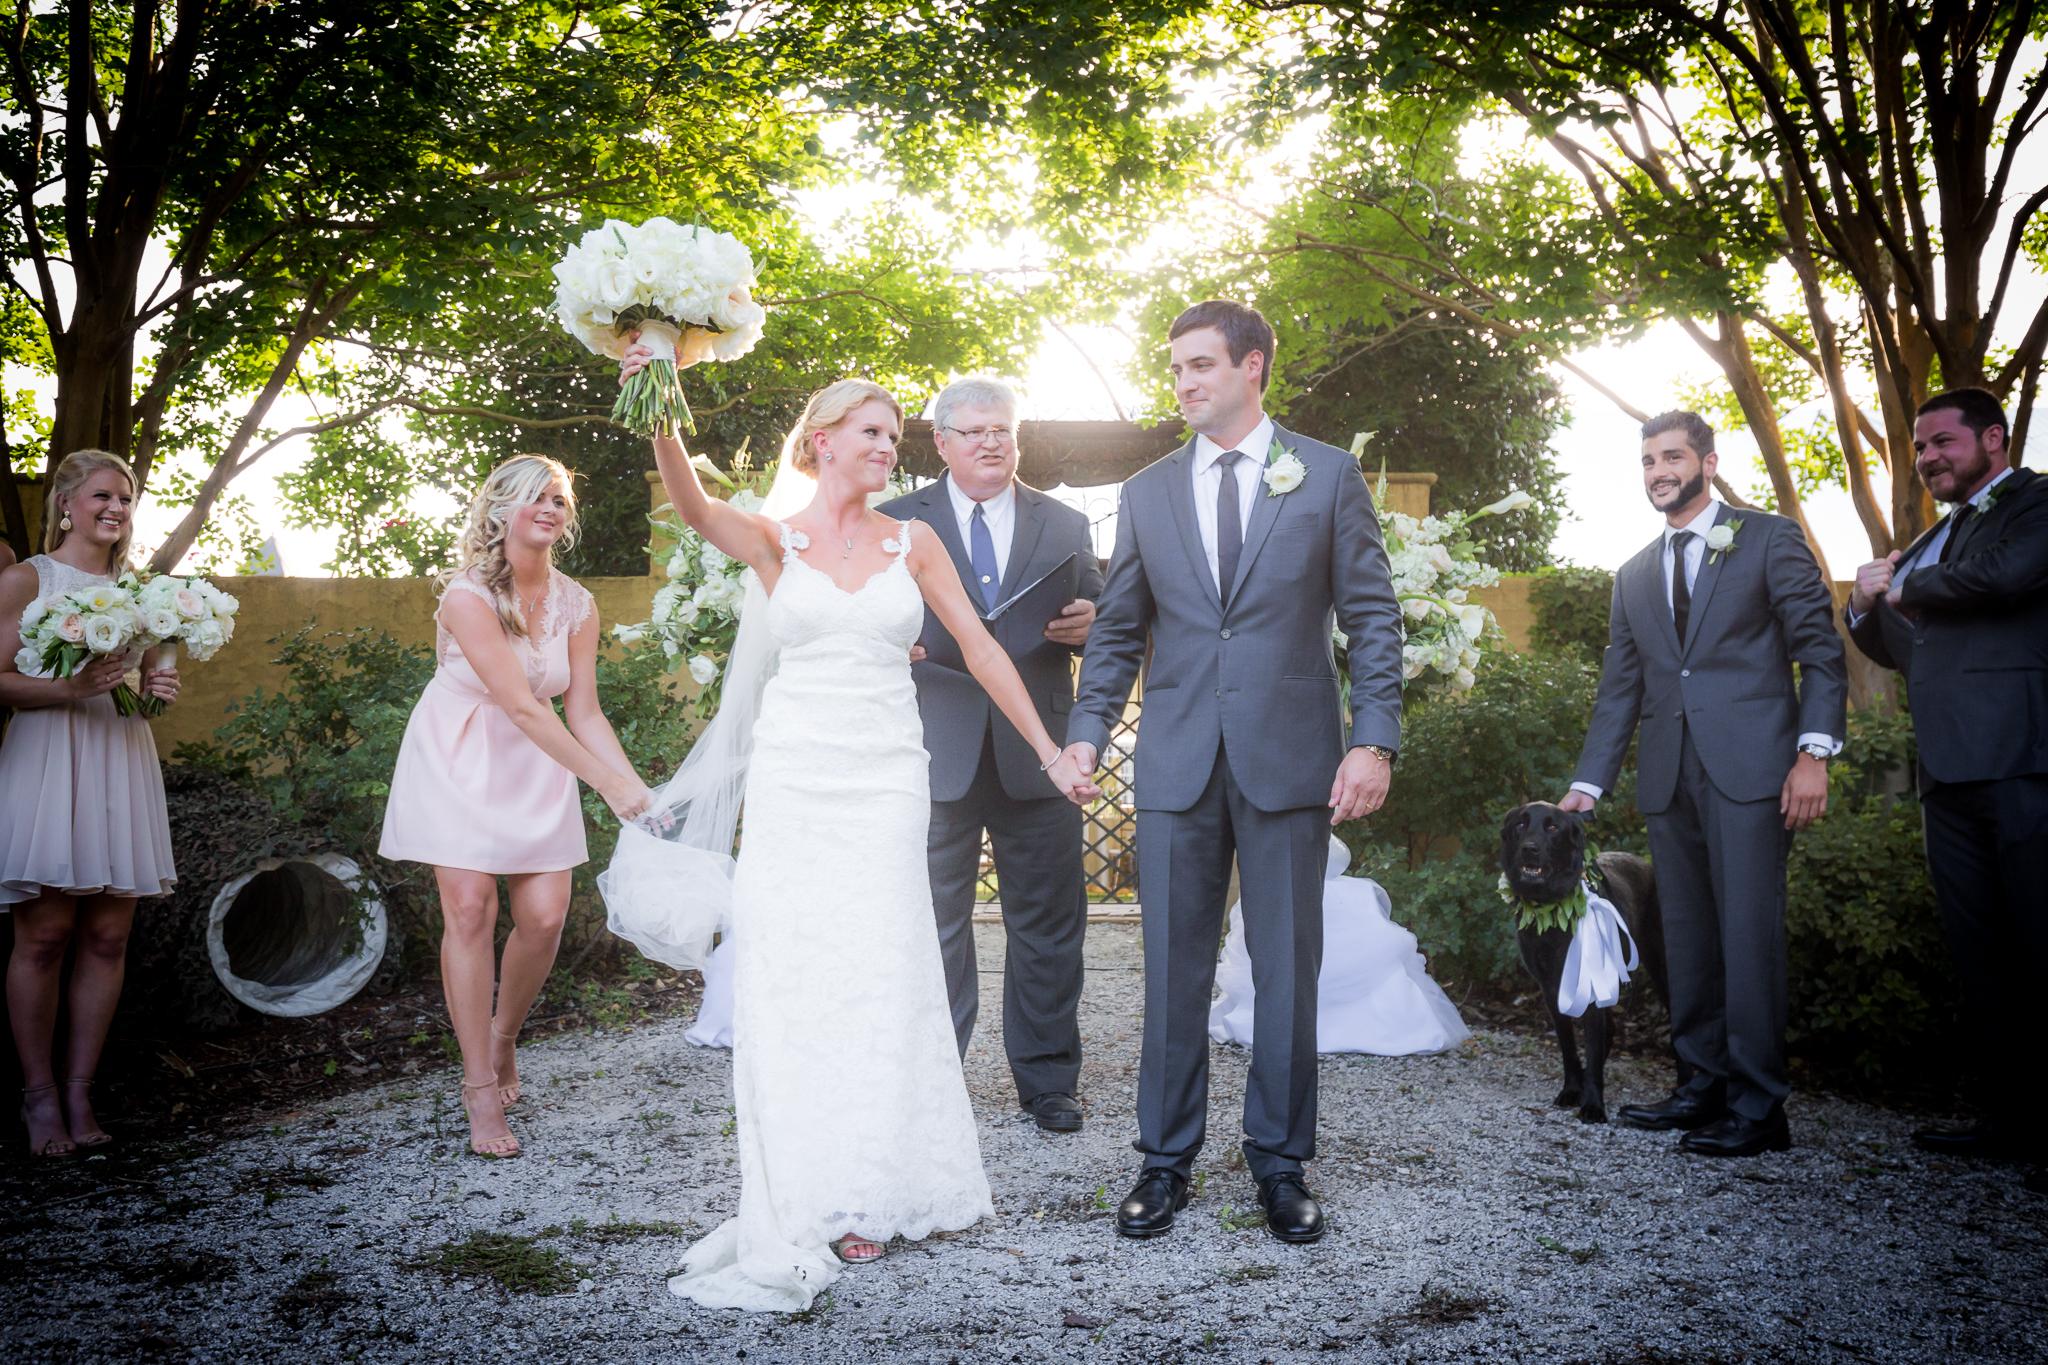 MorganKaty_wedding-iWally-21.jpg